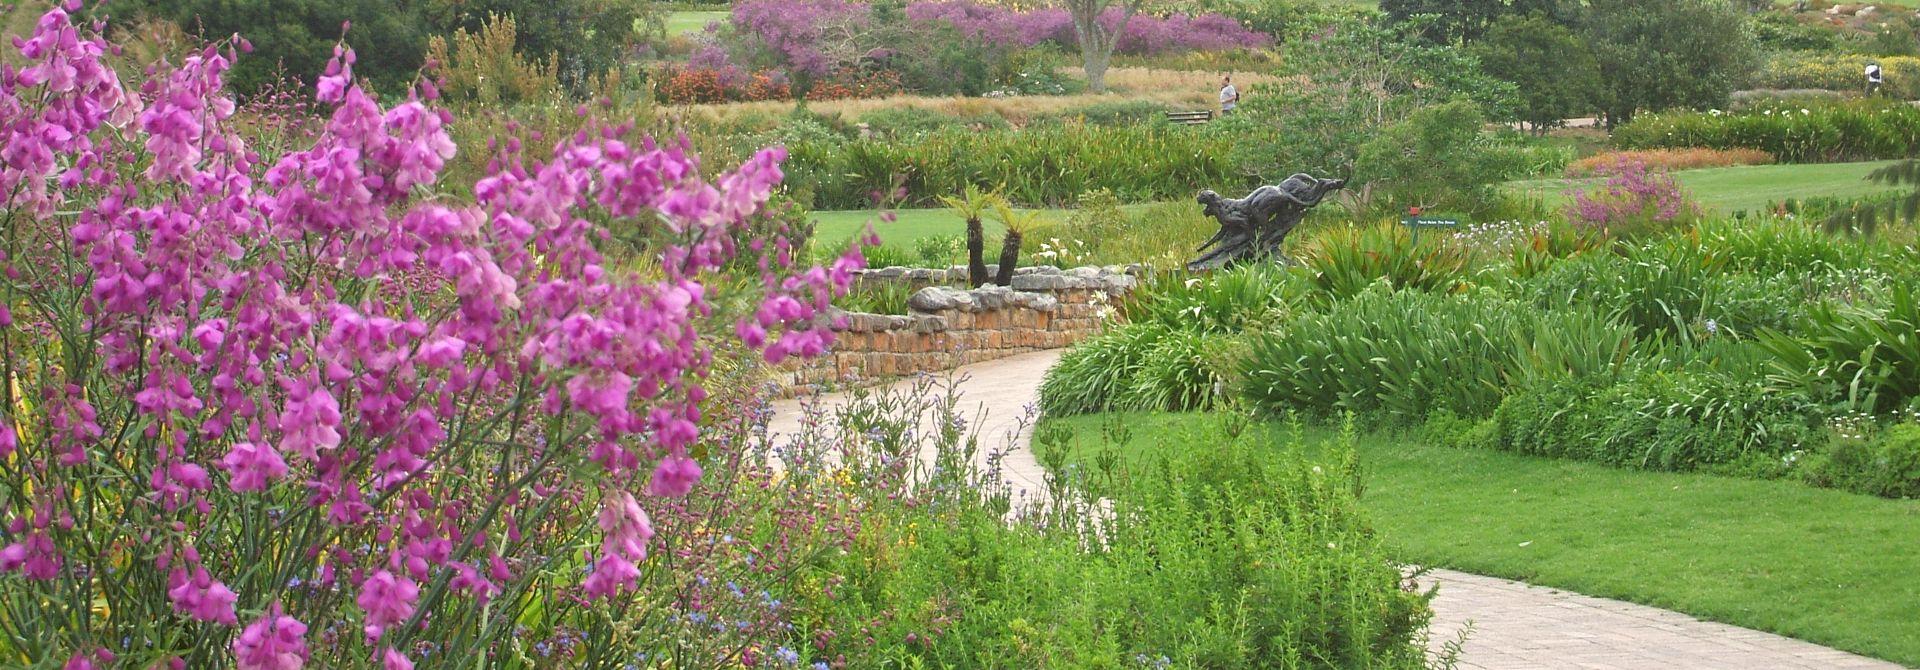 Kirstenbosch Botanical Gardens Hero